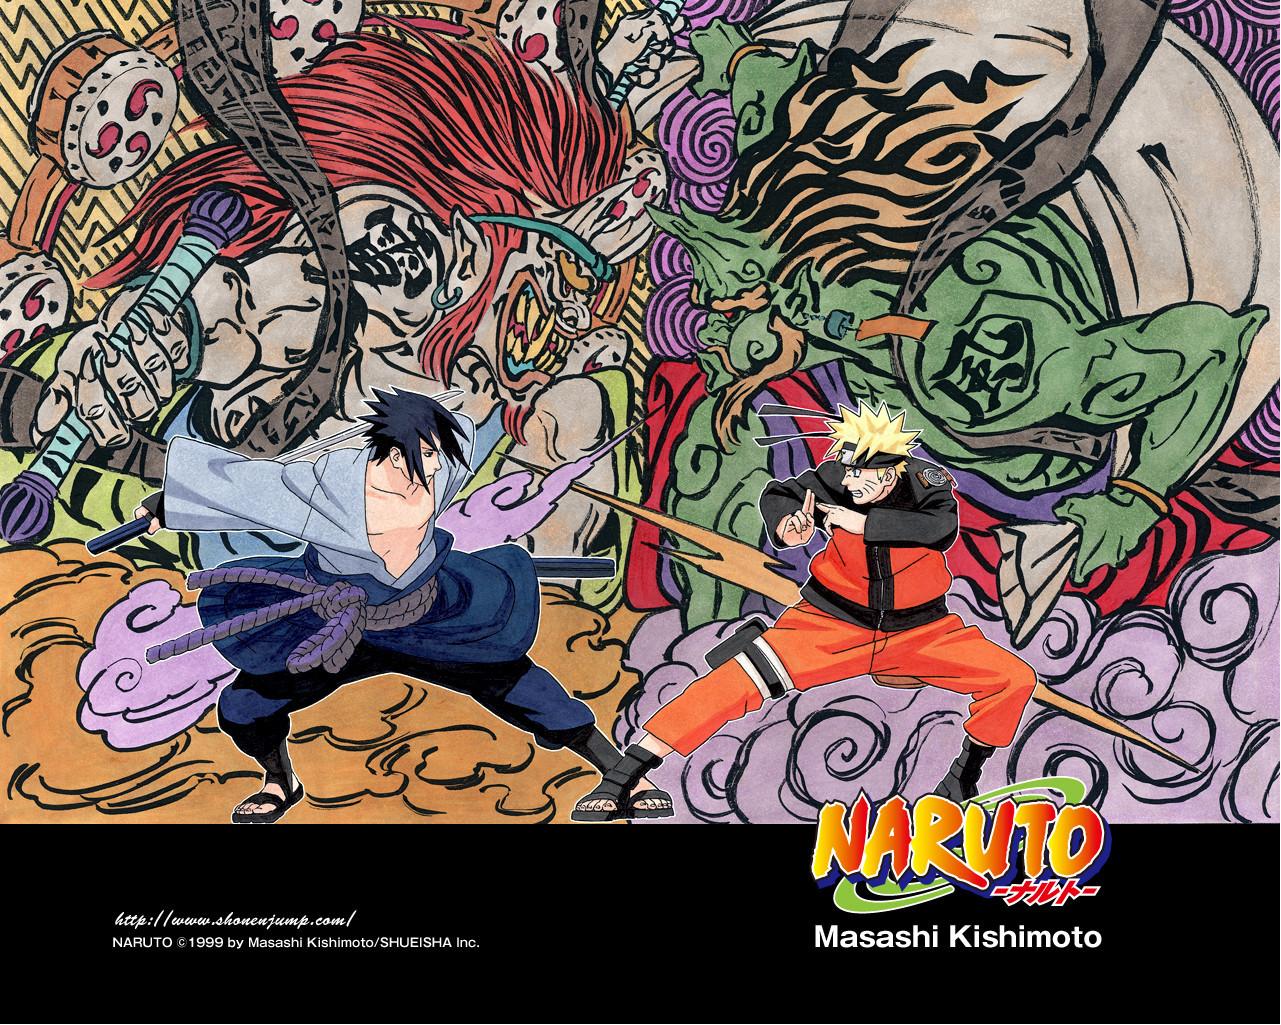 naruto vs sasuke 1 naruto vs sasuke naruto vs sasuke uzumaki naruto 1281x1025